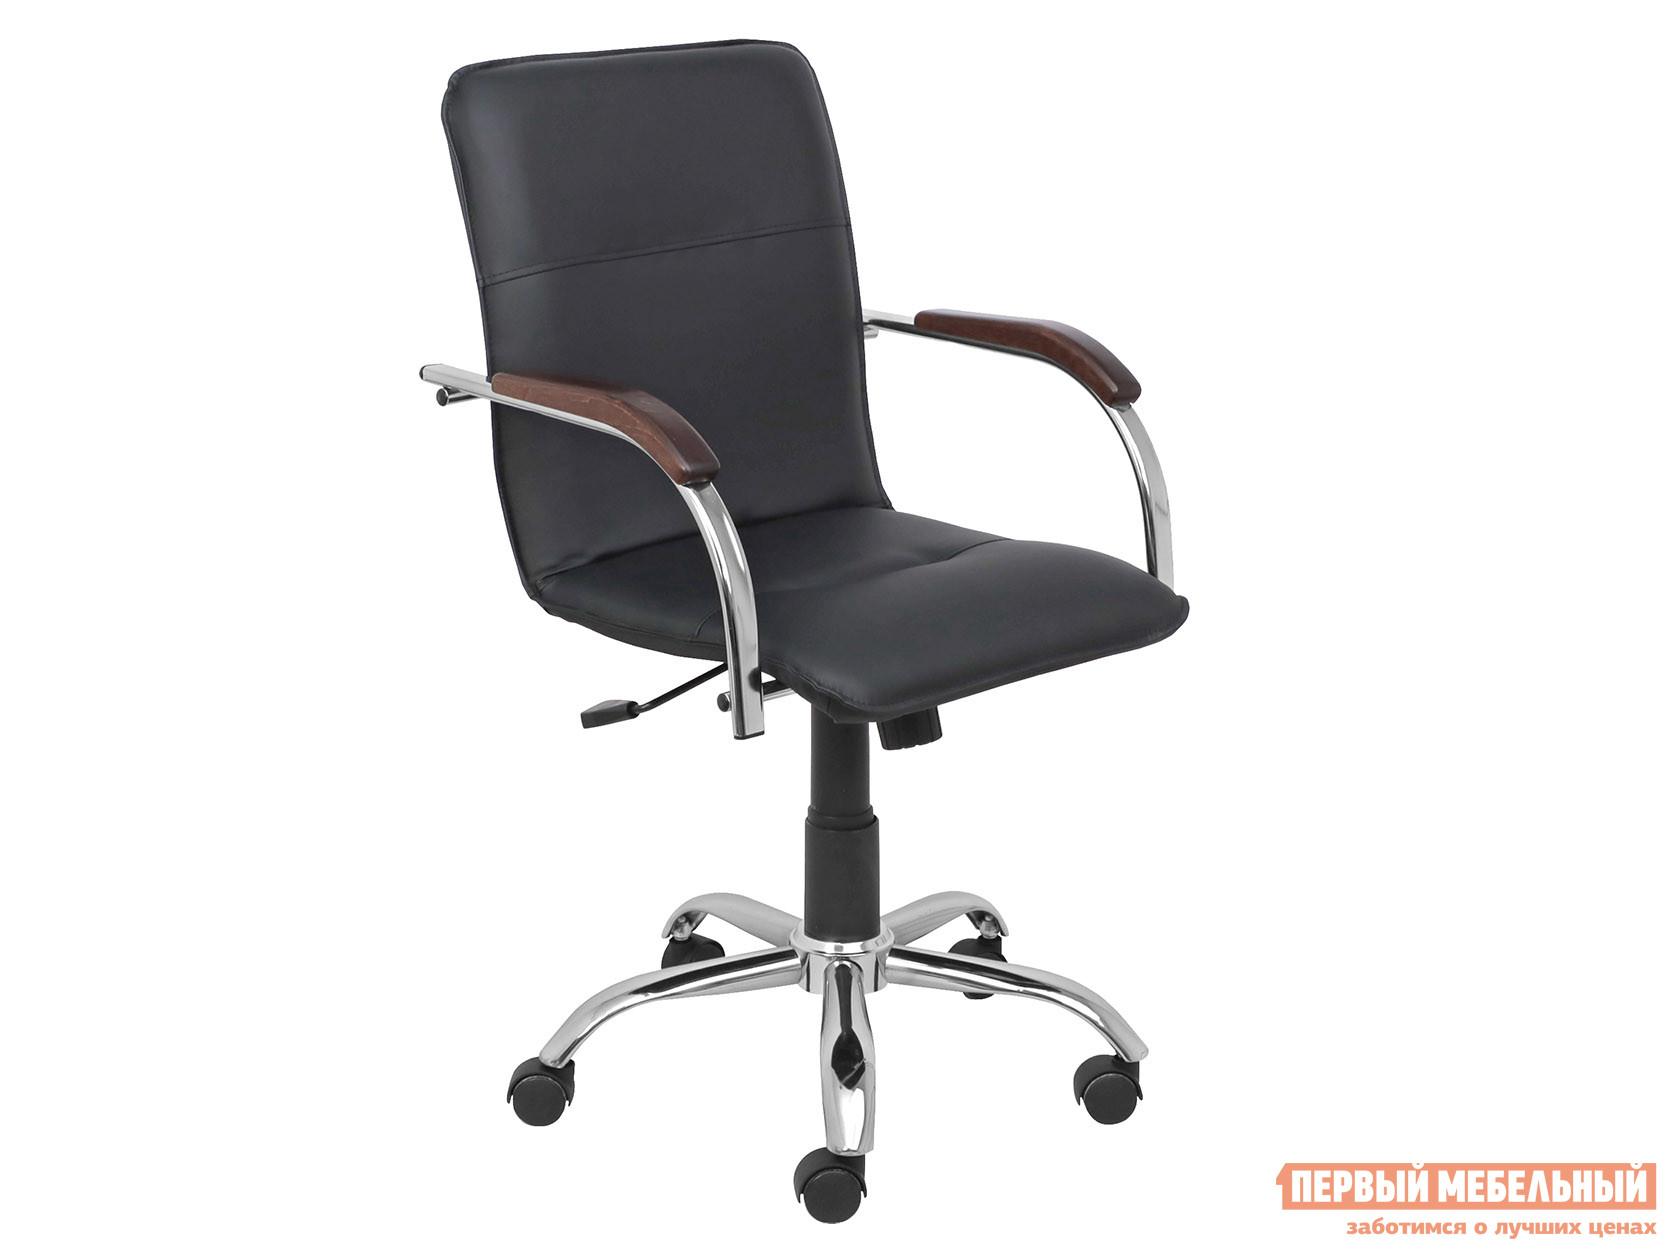 Офисное кресло  SAMBA AKS-2 Черный, экокожа, Деревянные Базистрейд 137644